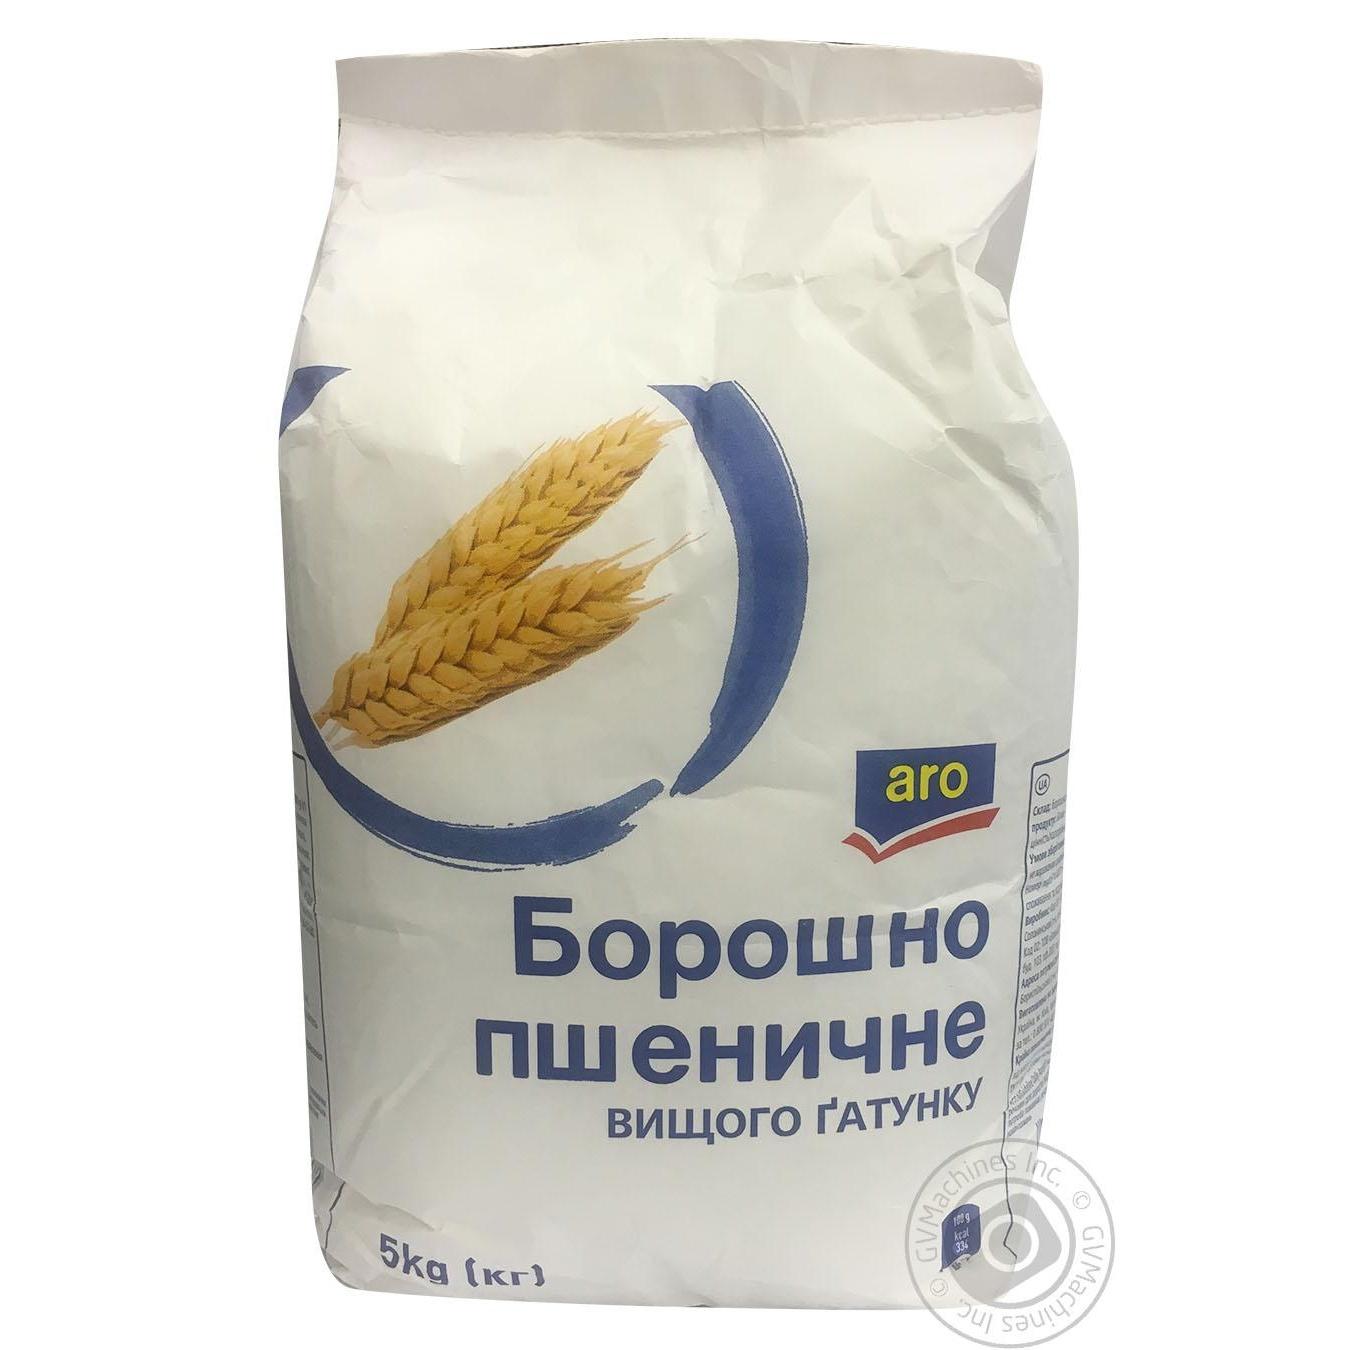 Купить Мука Aro пшеничная высшего сорта 5кг